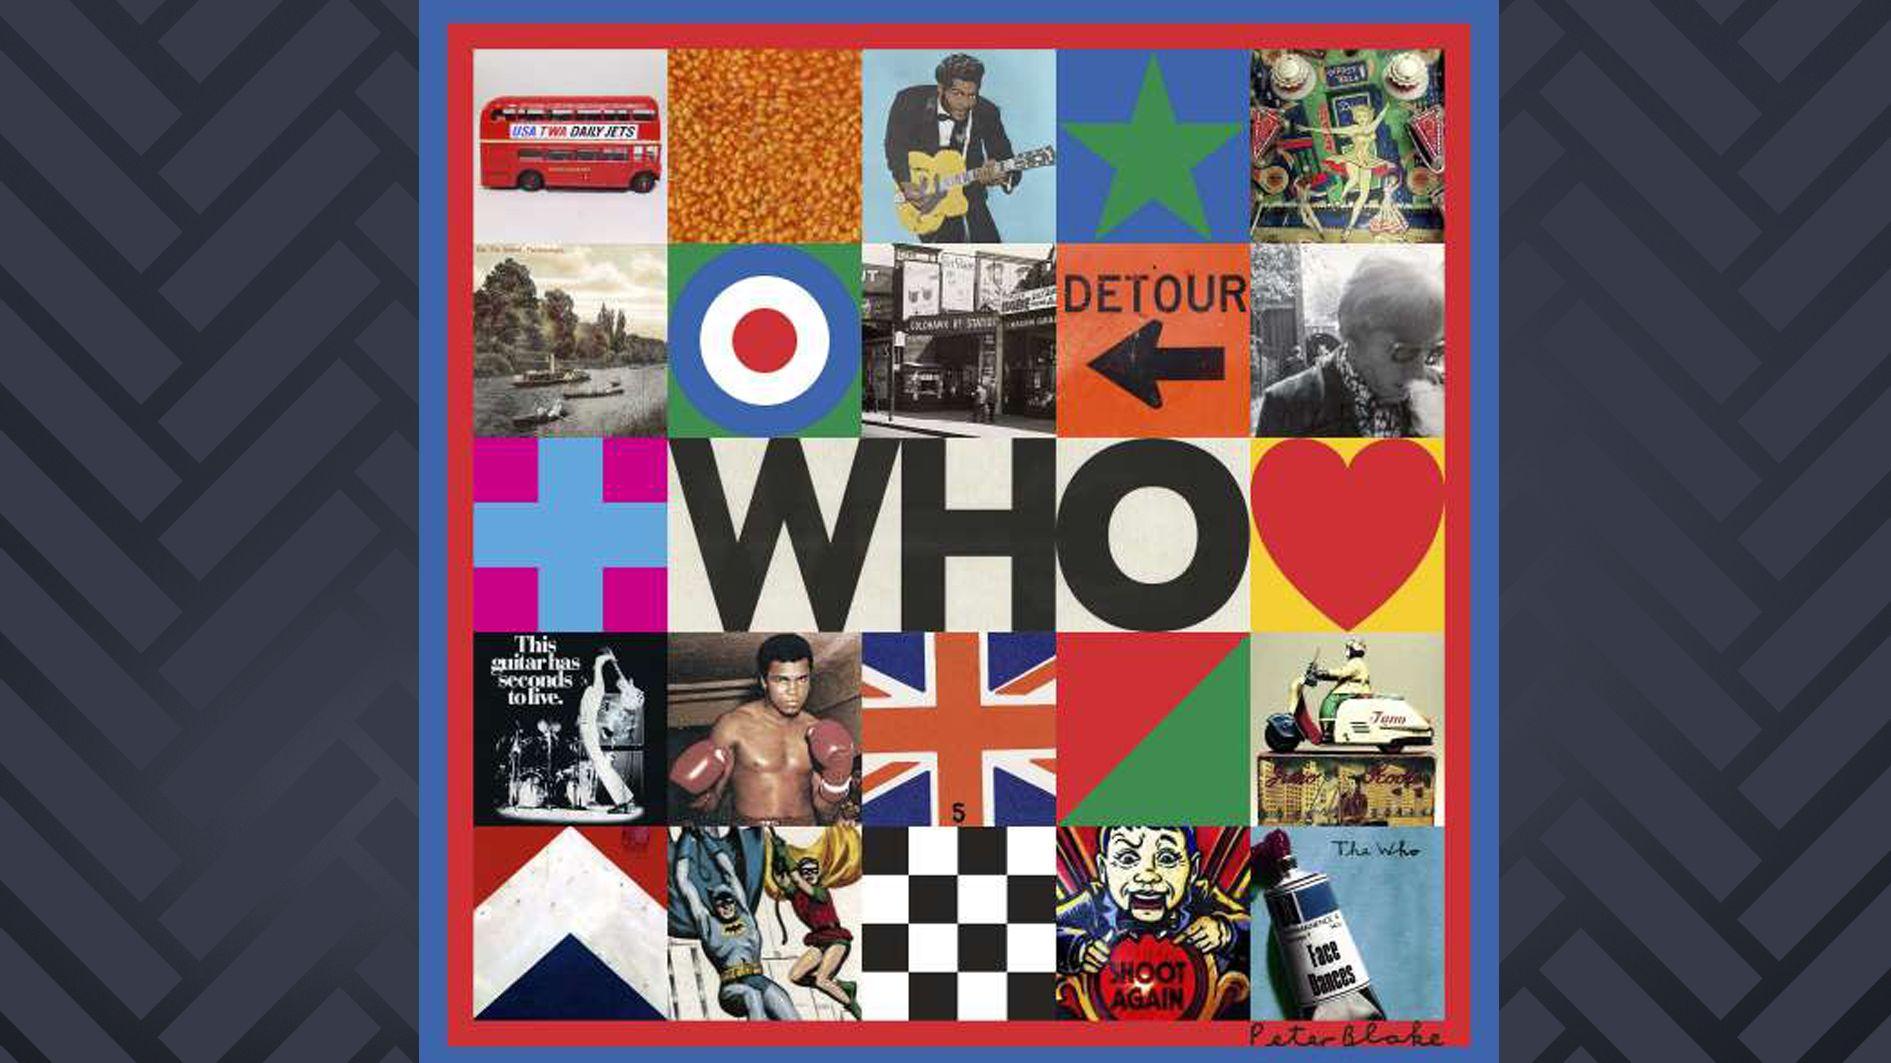 Auf einem Albumcover sind kleine Quadrate mit verschiedenen kleinen Bildern zu sehen.